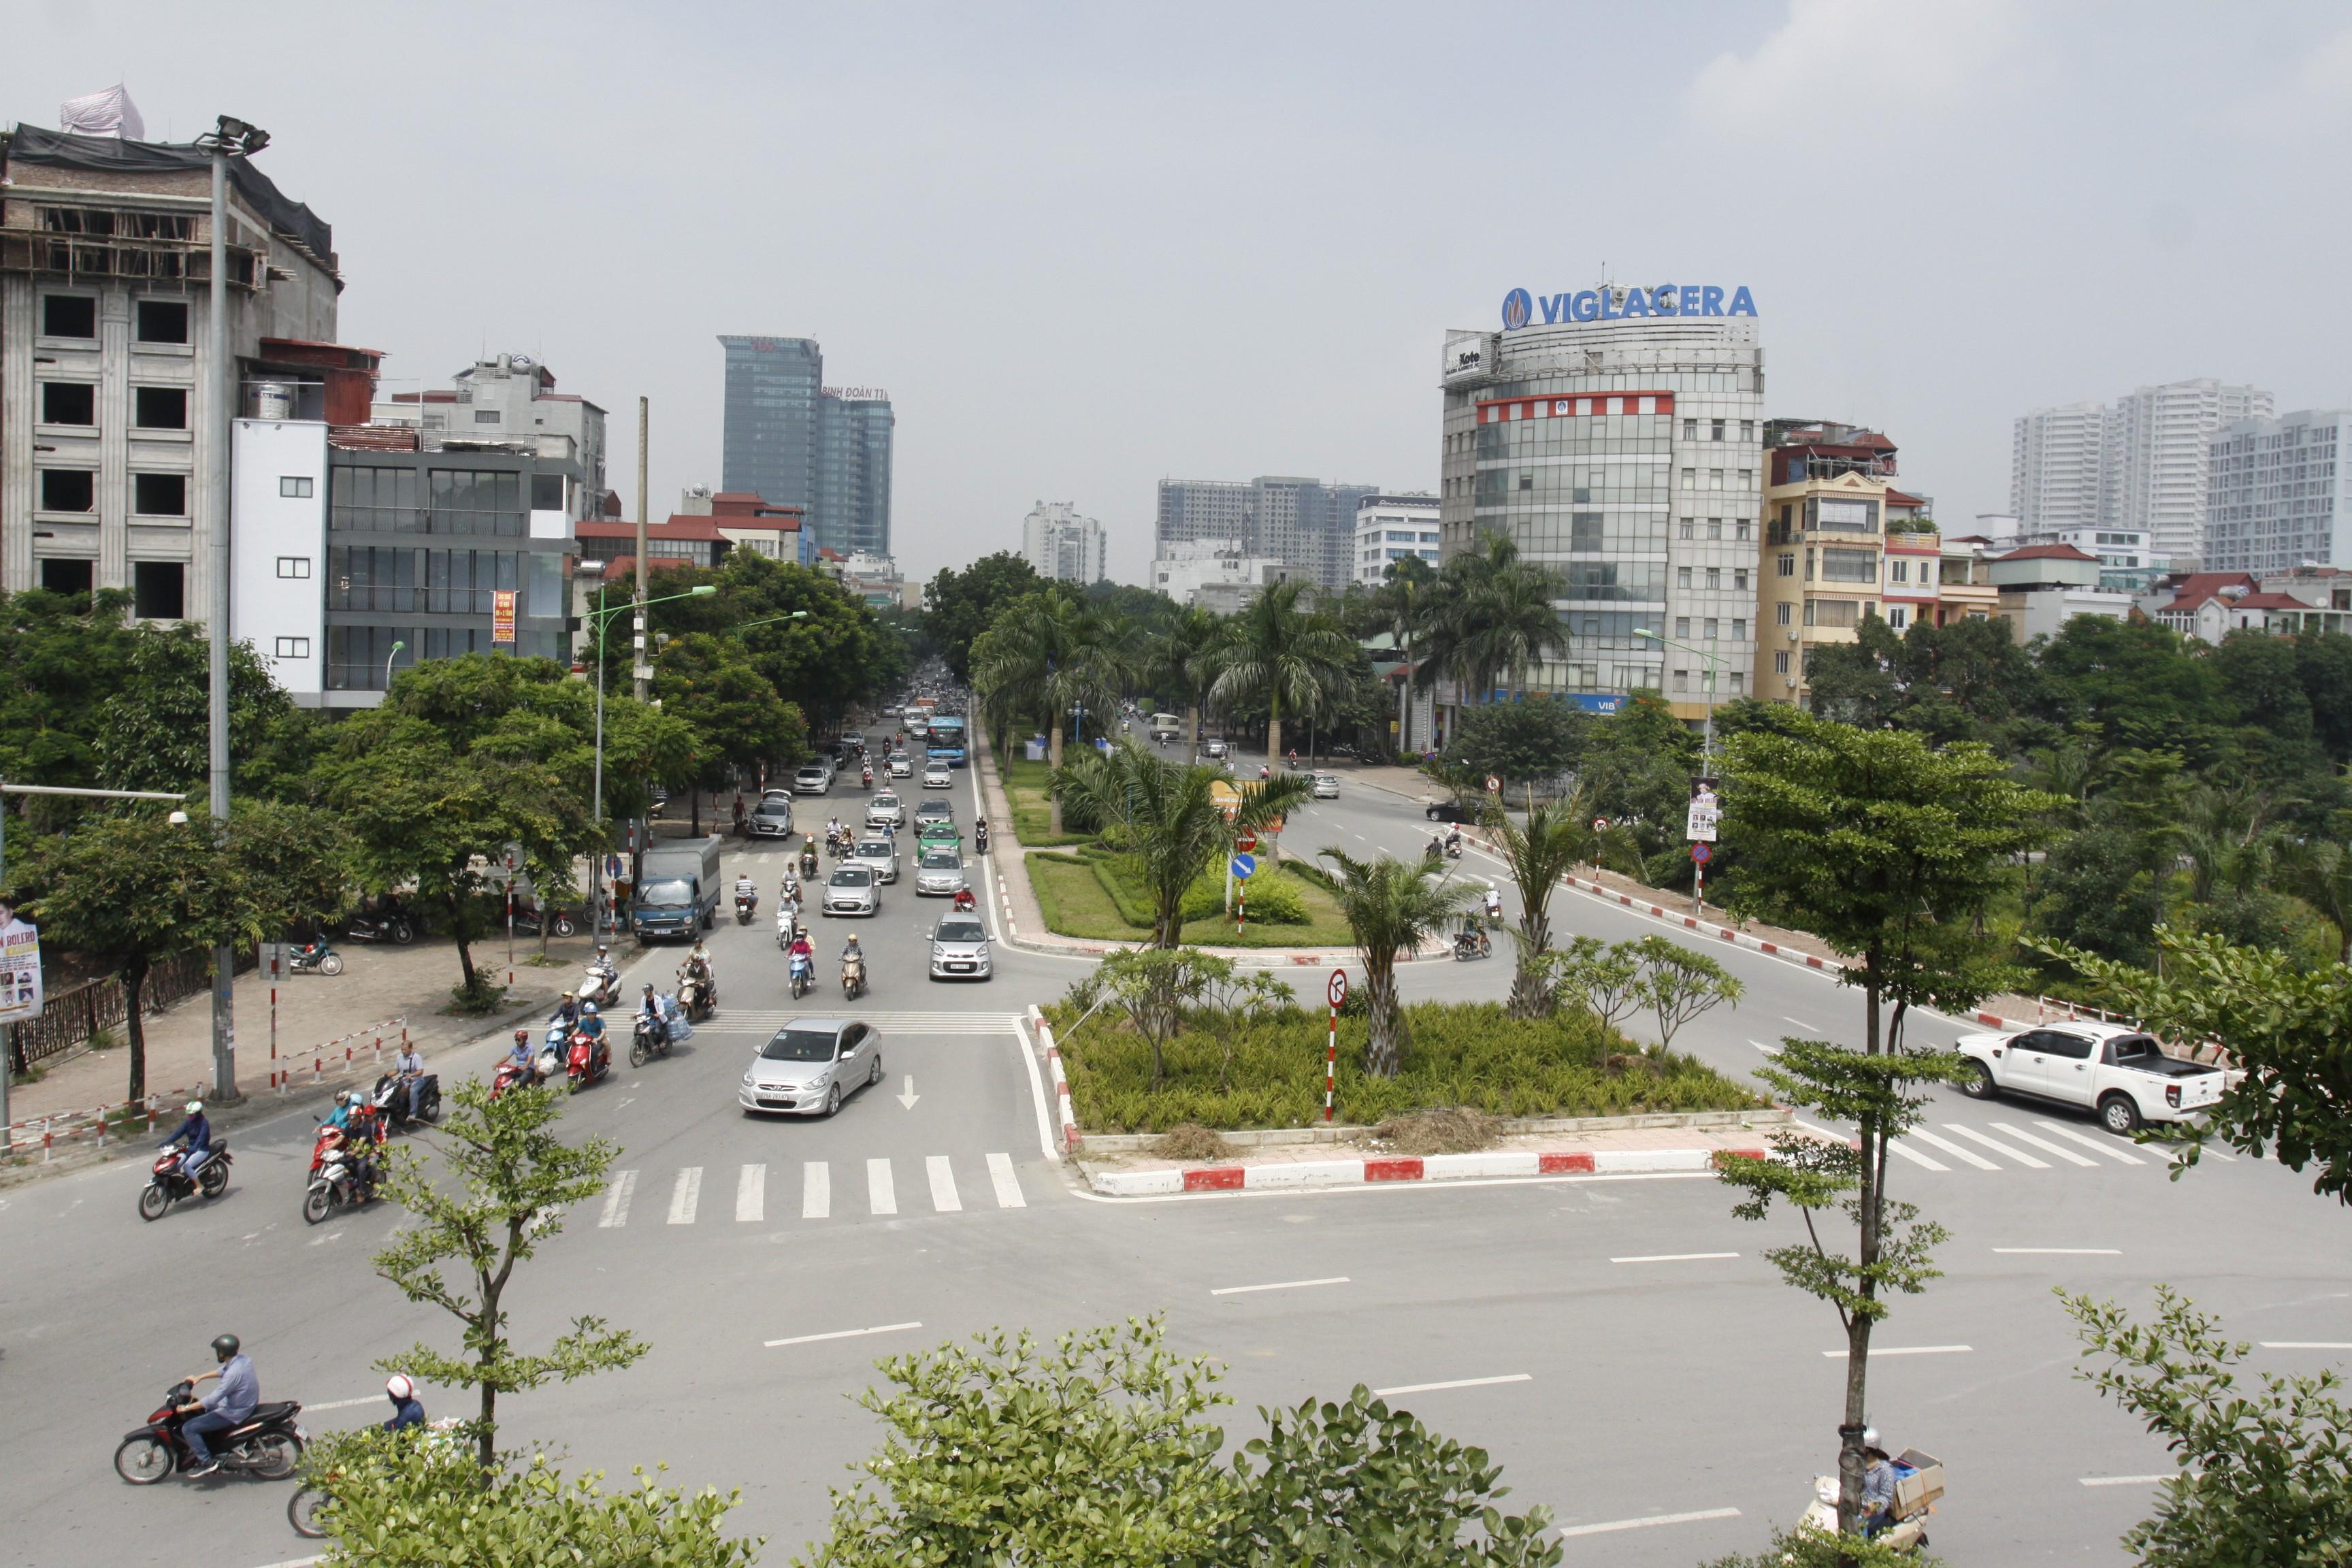 Cần biết - Quận Cầu Giấy, Hà Nội: Sức bật tuổi 20 (Hình 3).